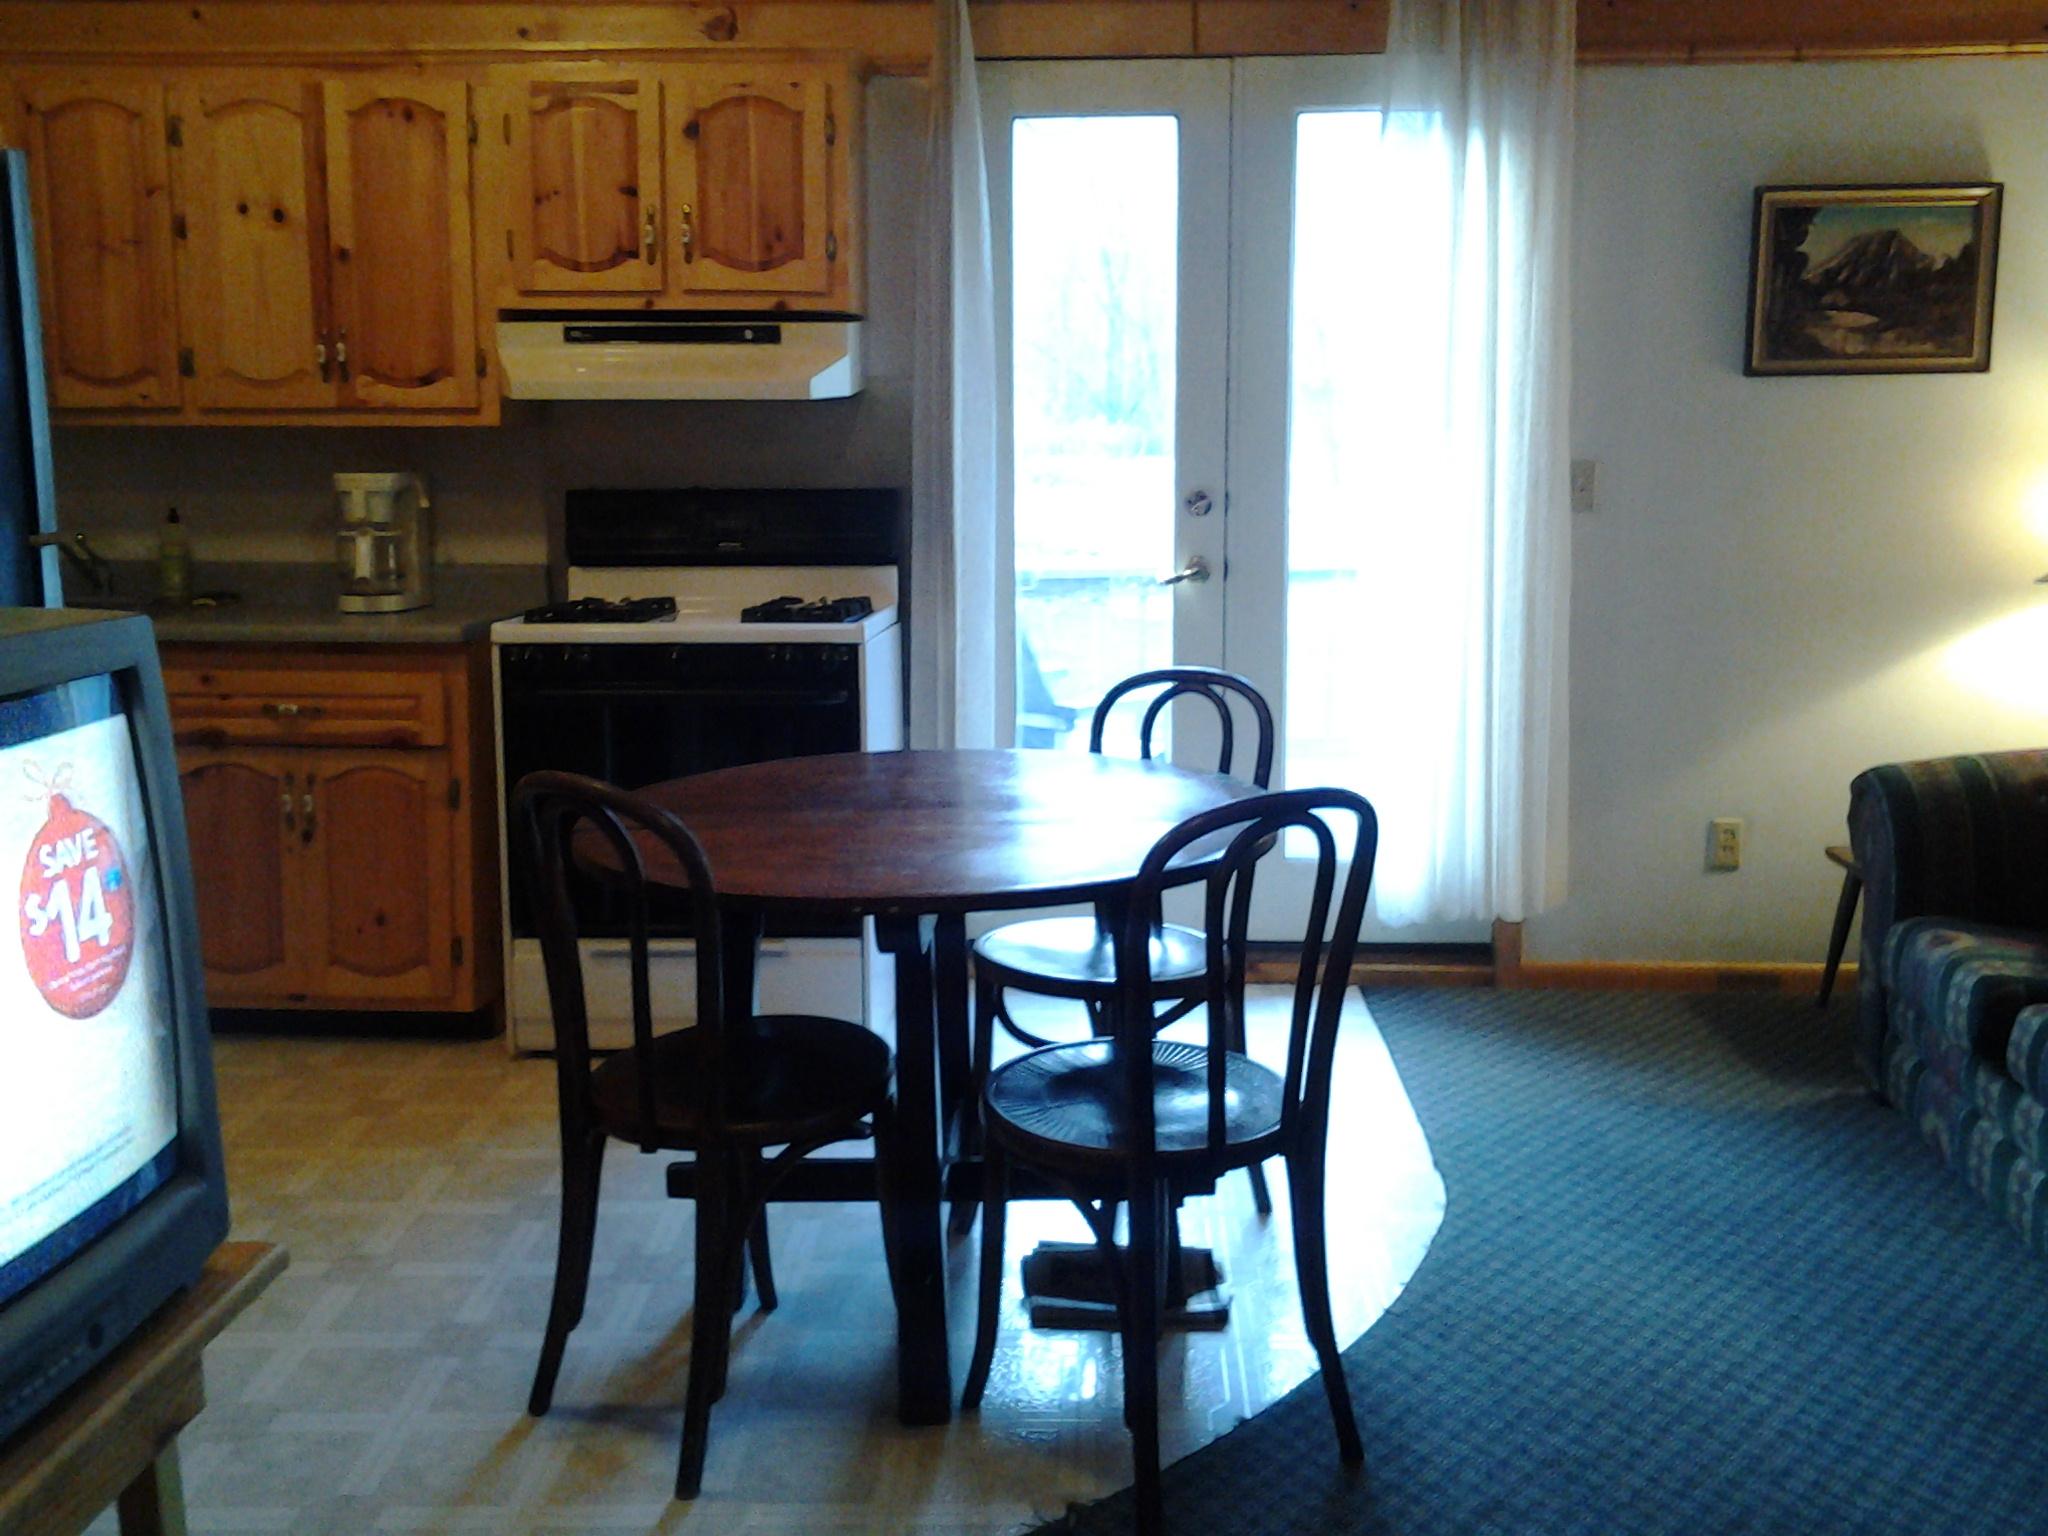 Kitchen area in Catskills Condo